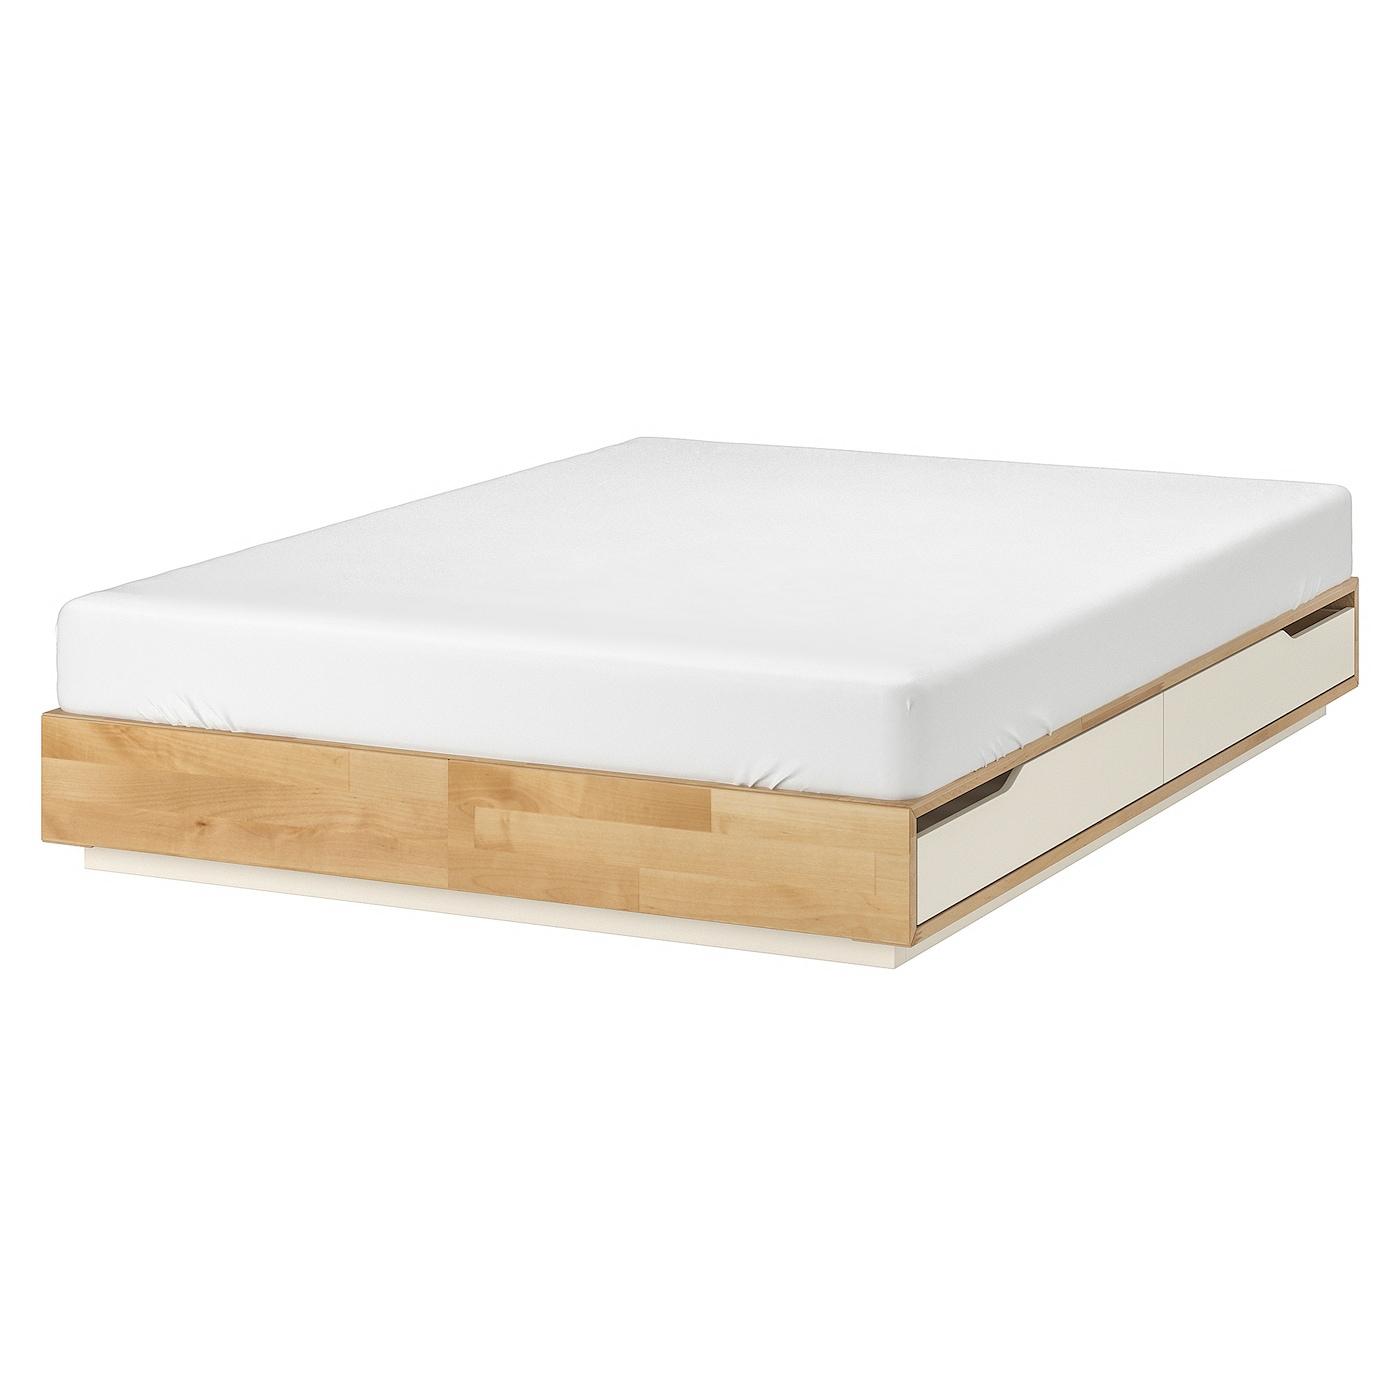 Mandal Cadre Lit Avec Rangement - Bouleau, Blanc 140X202 Cm pour Coffre De Jardin Ikea